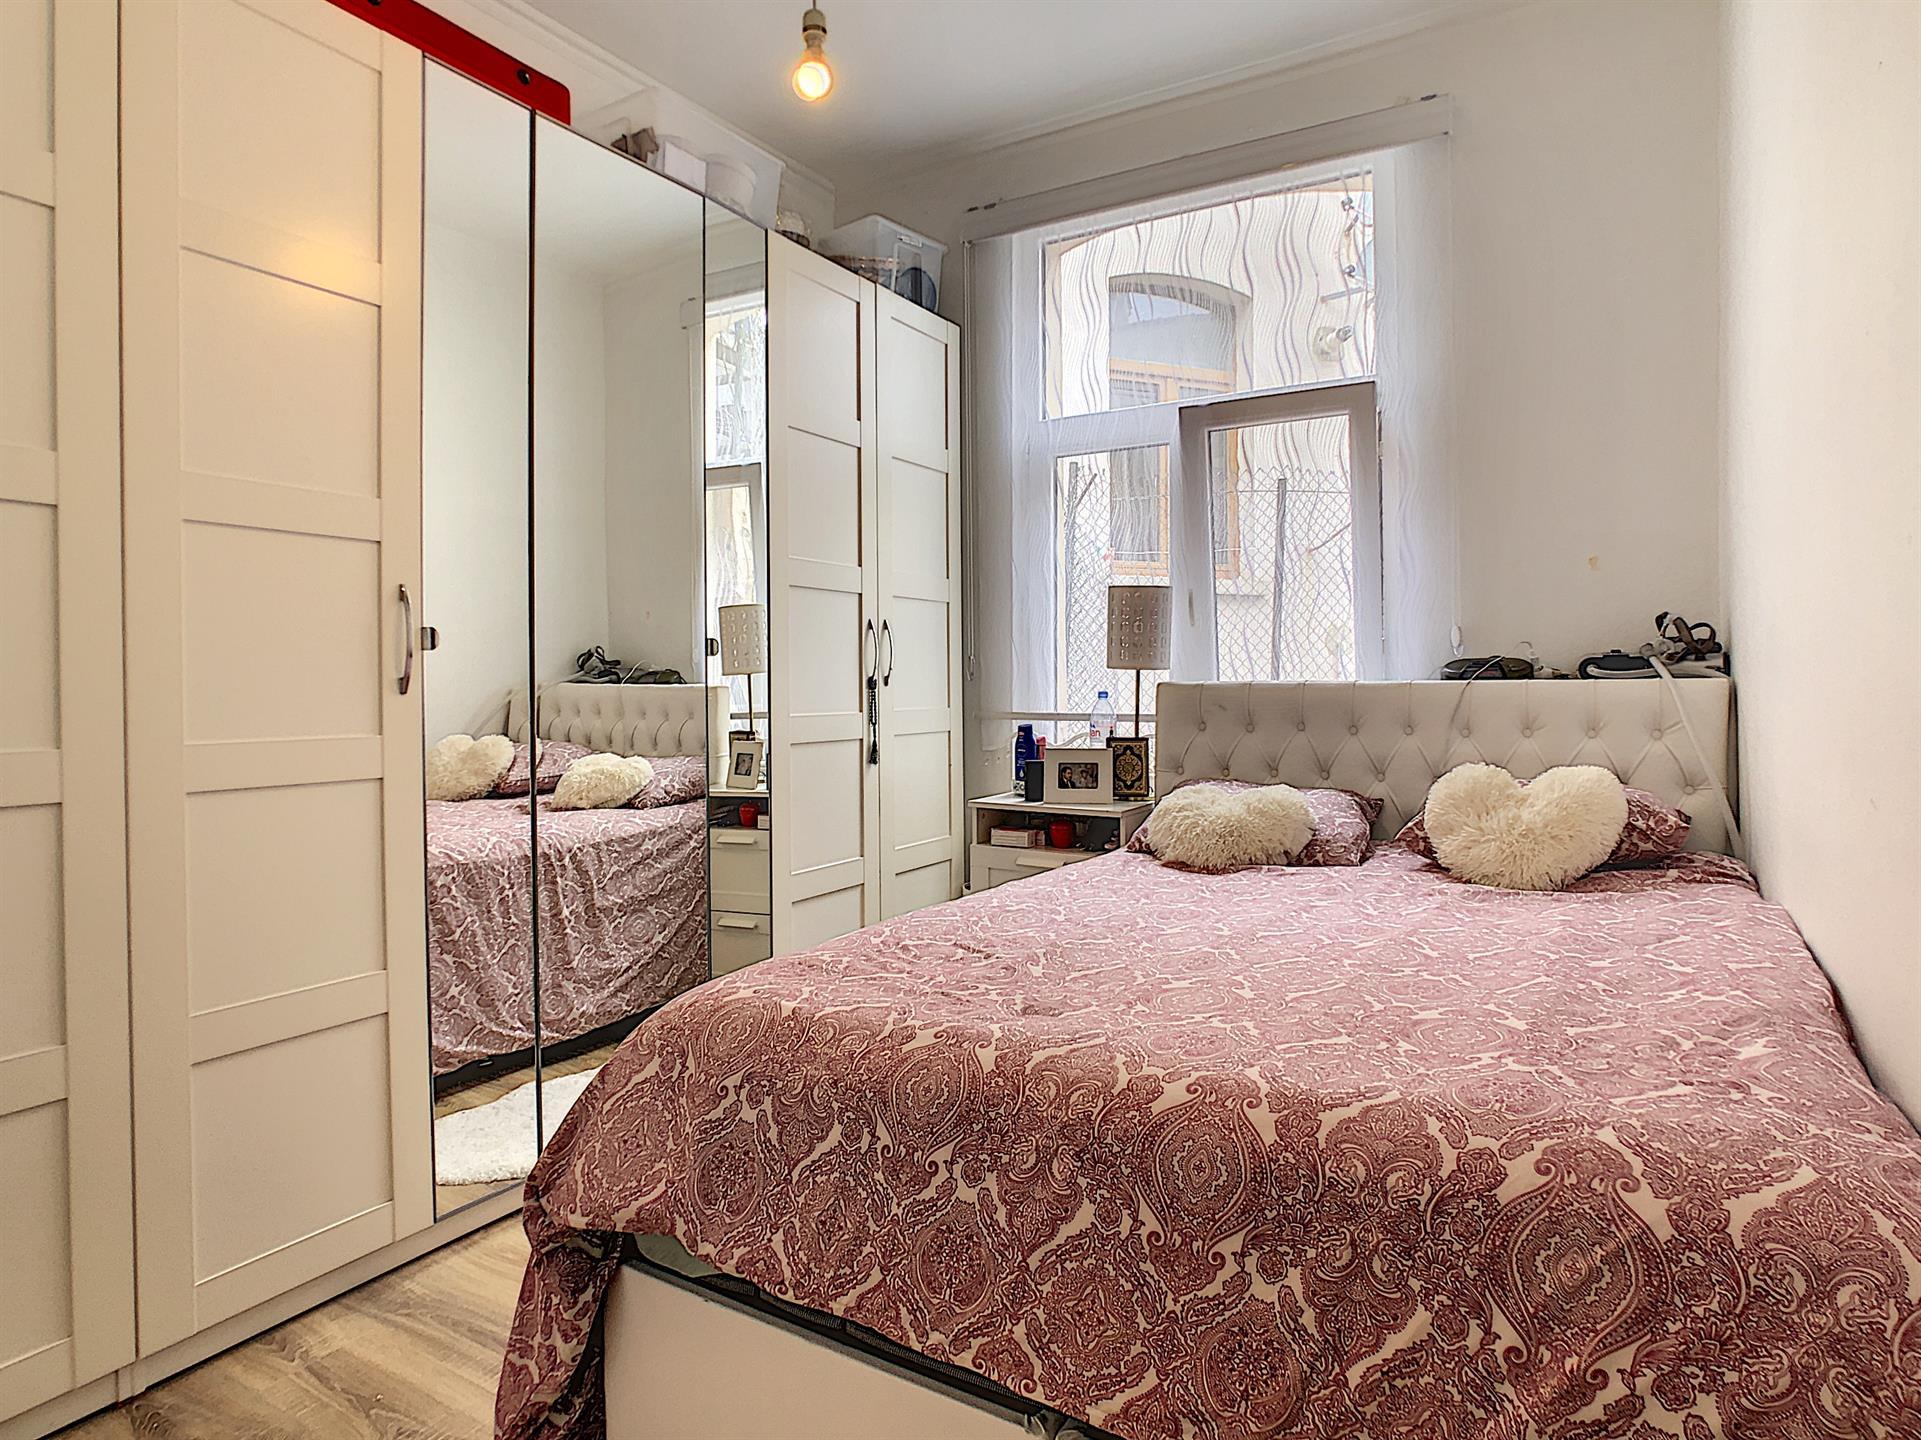 Maison unifamiliale - Ixelles - #4397818-4